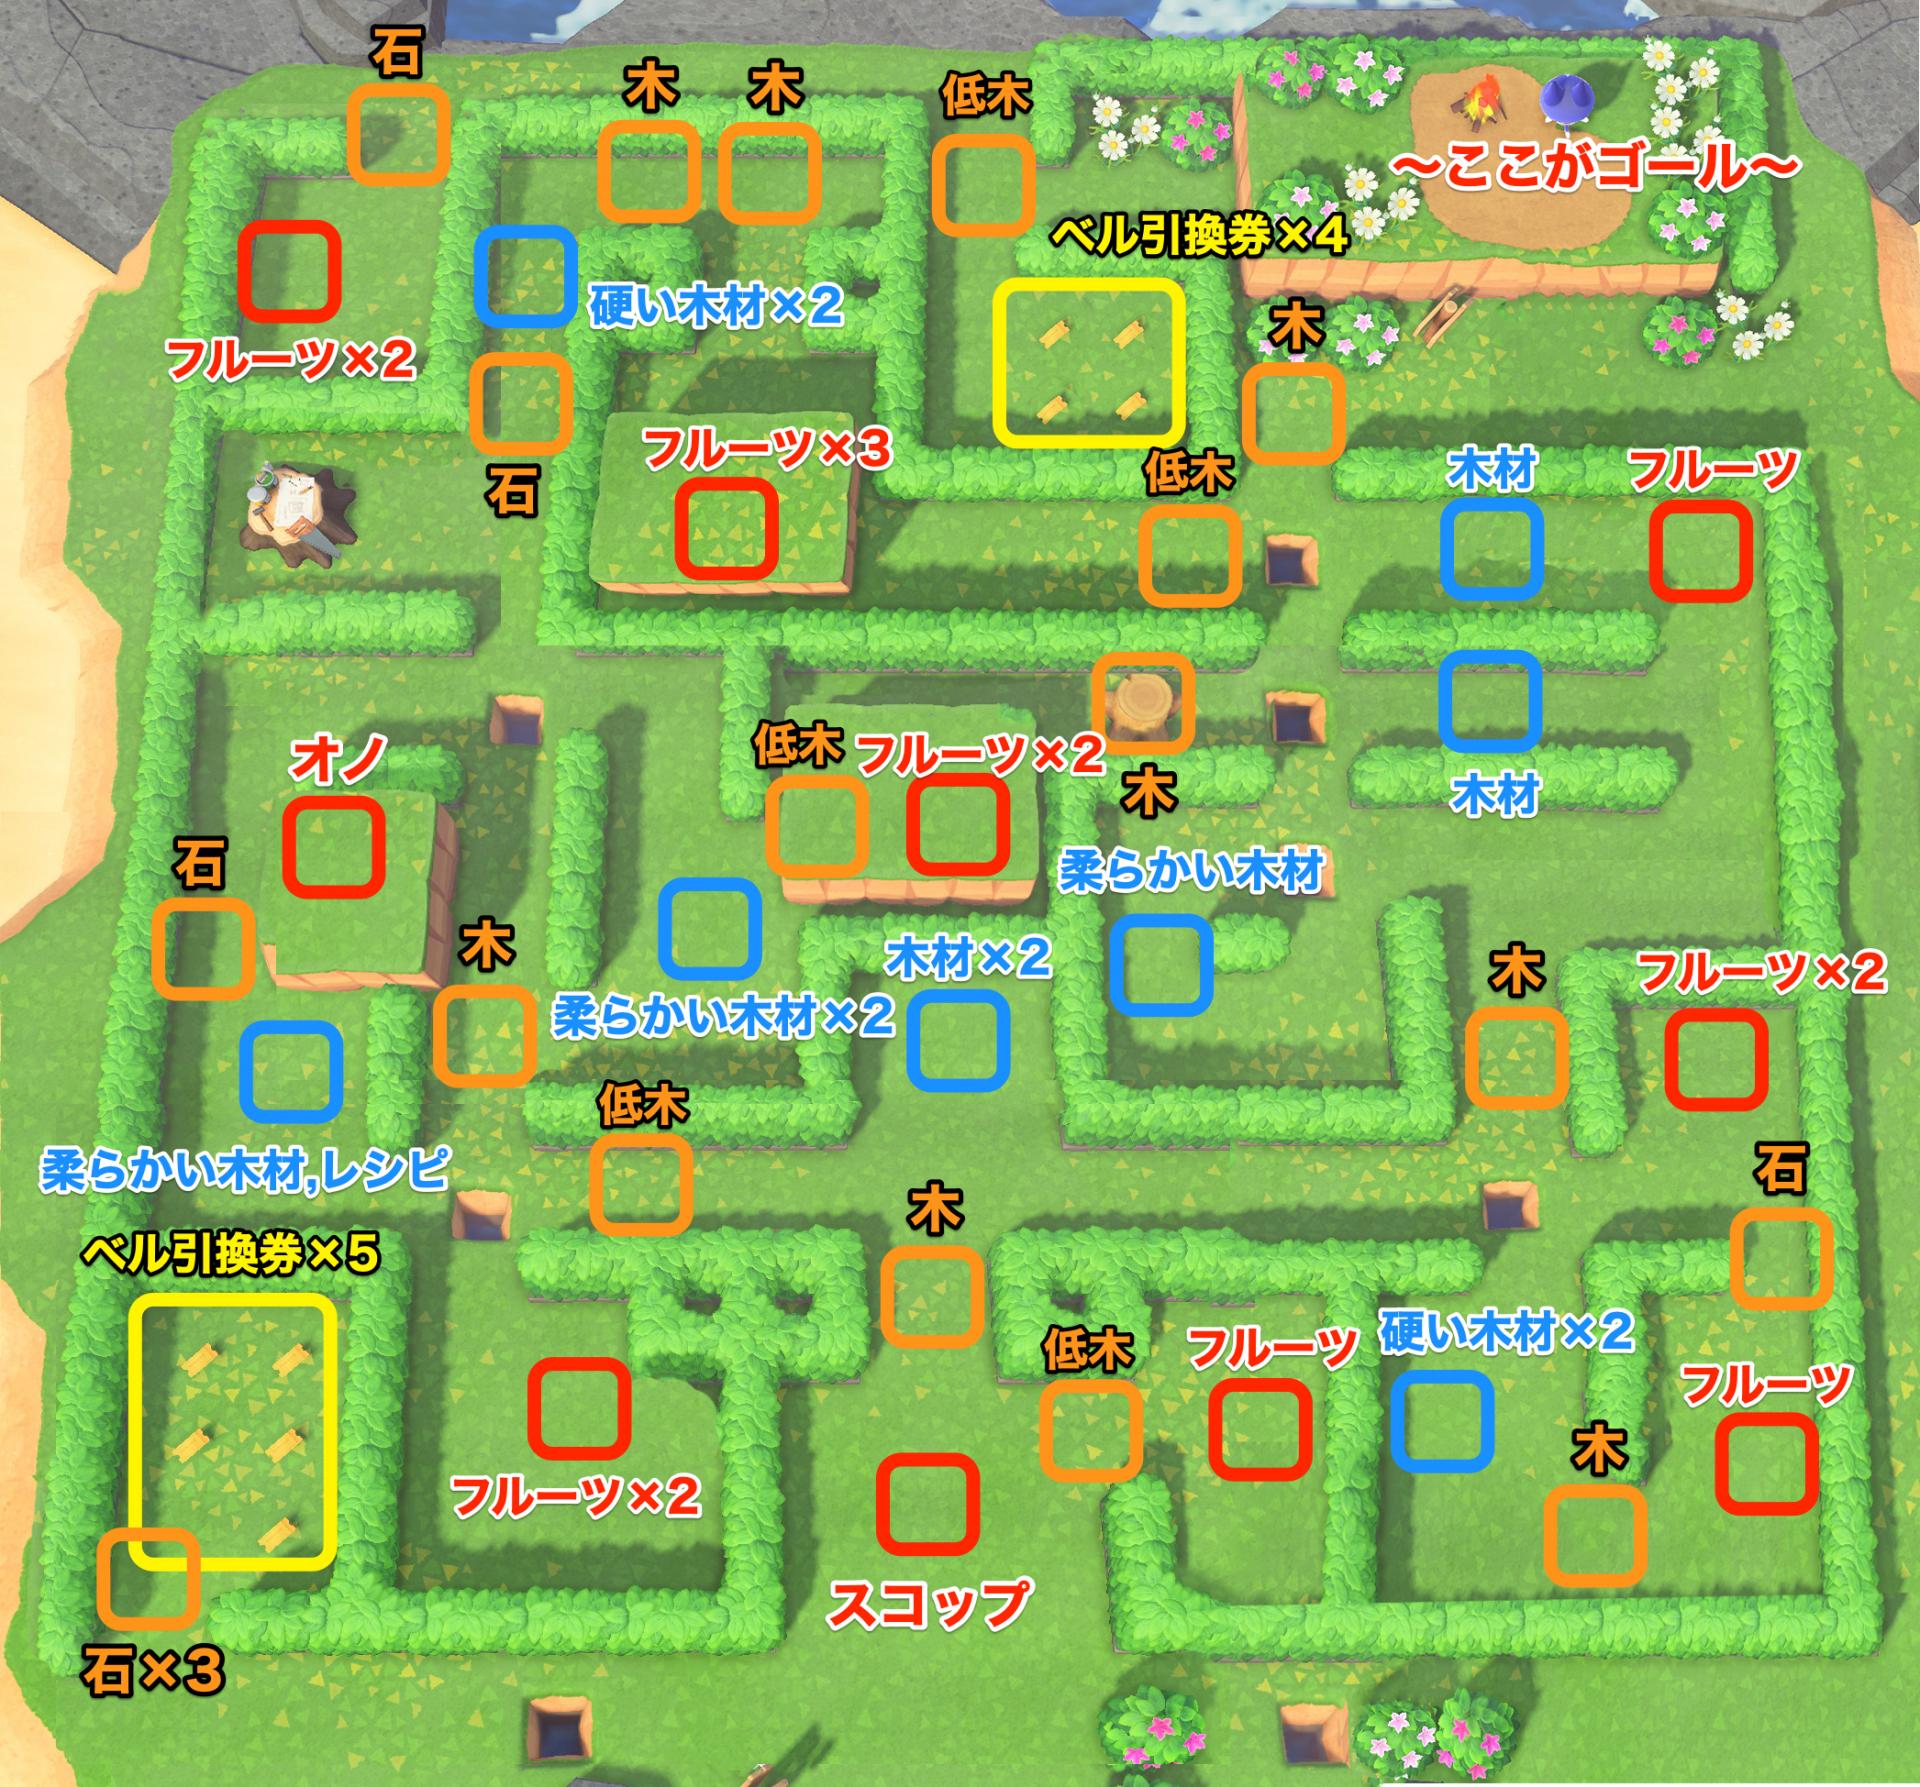 あつ森 マップ 作成